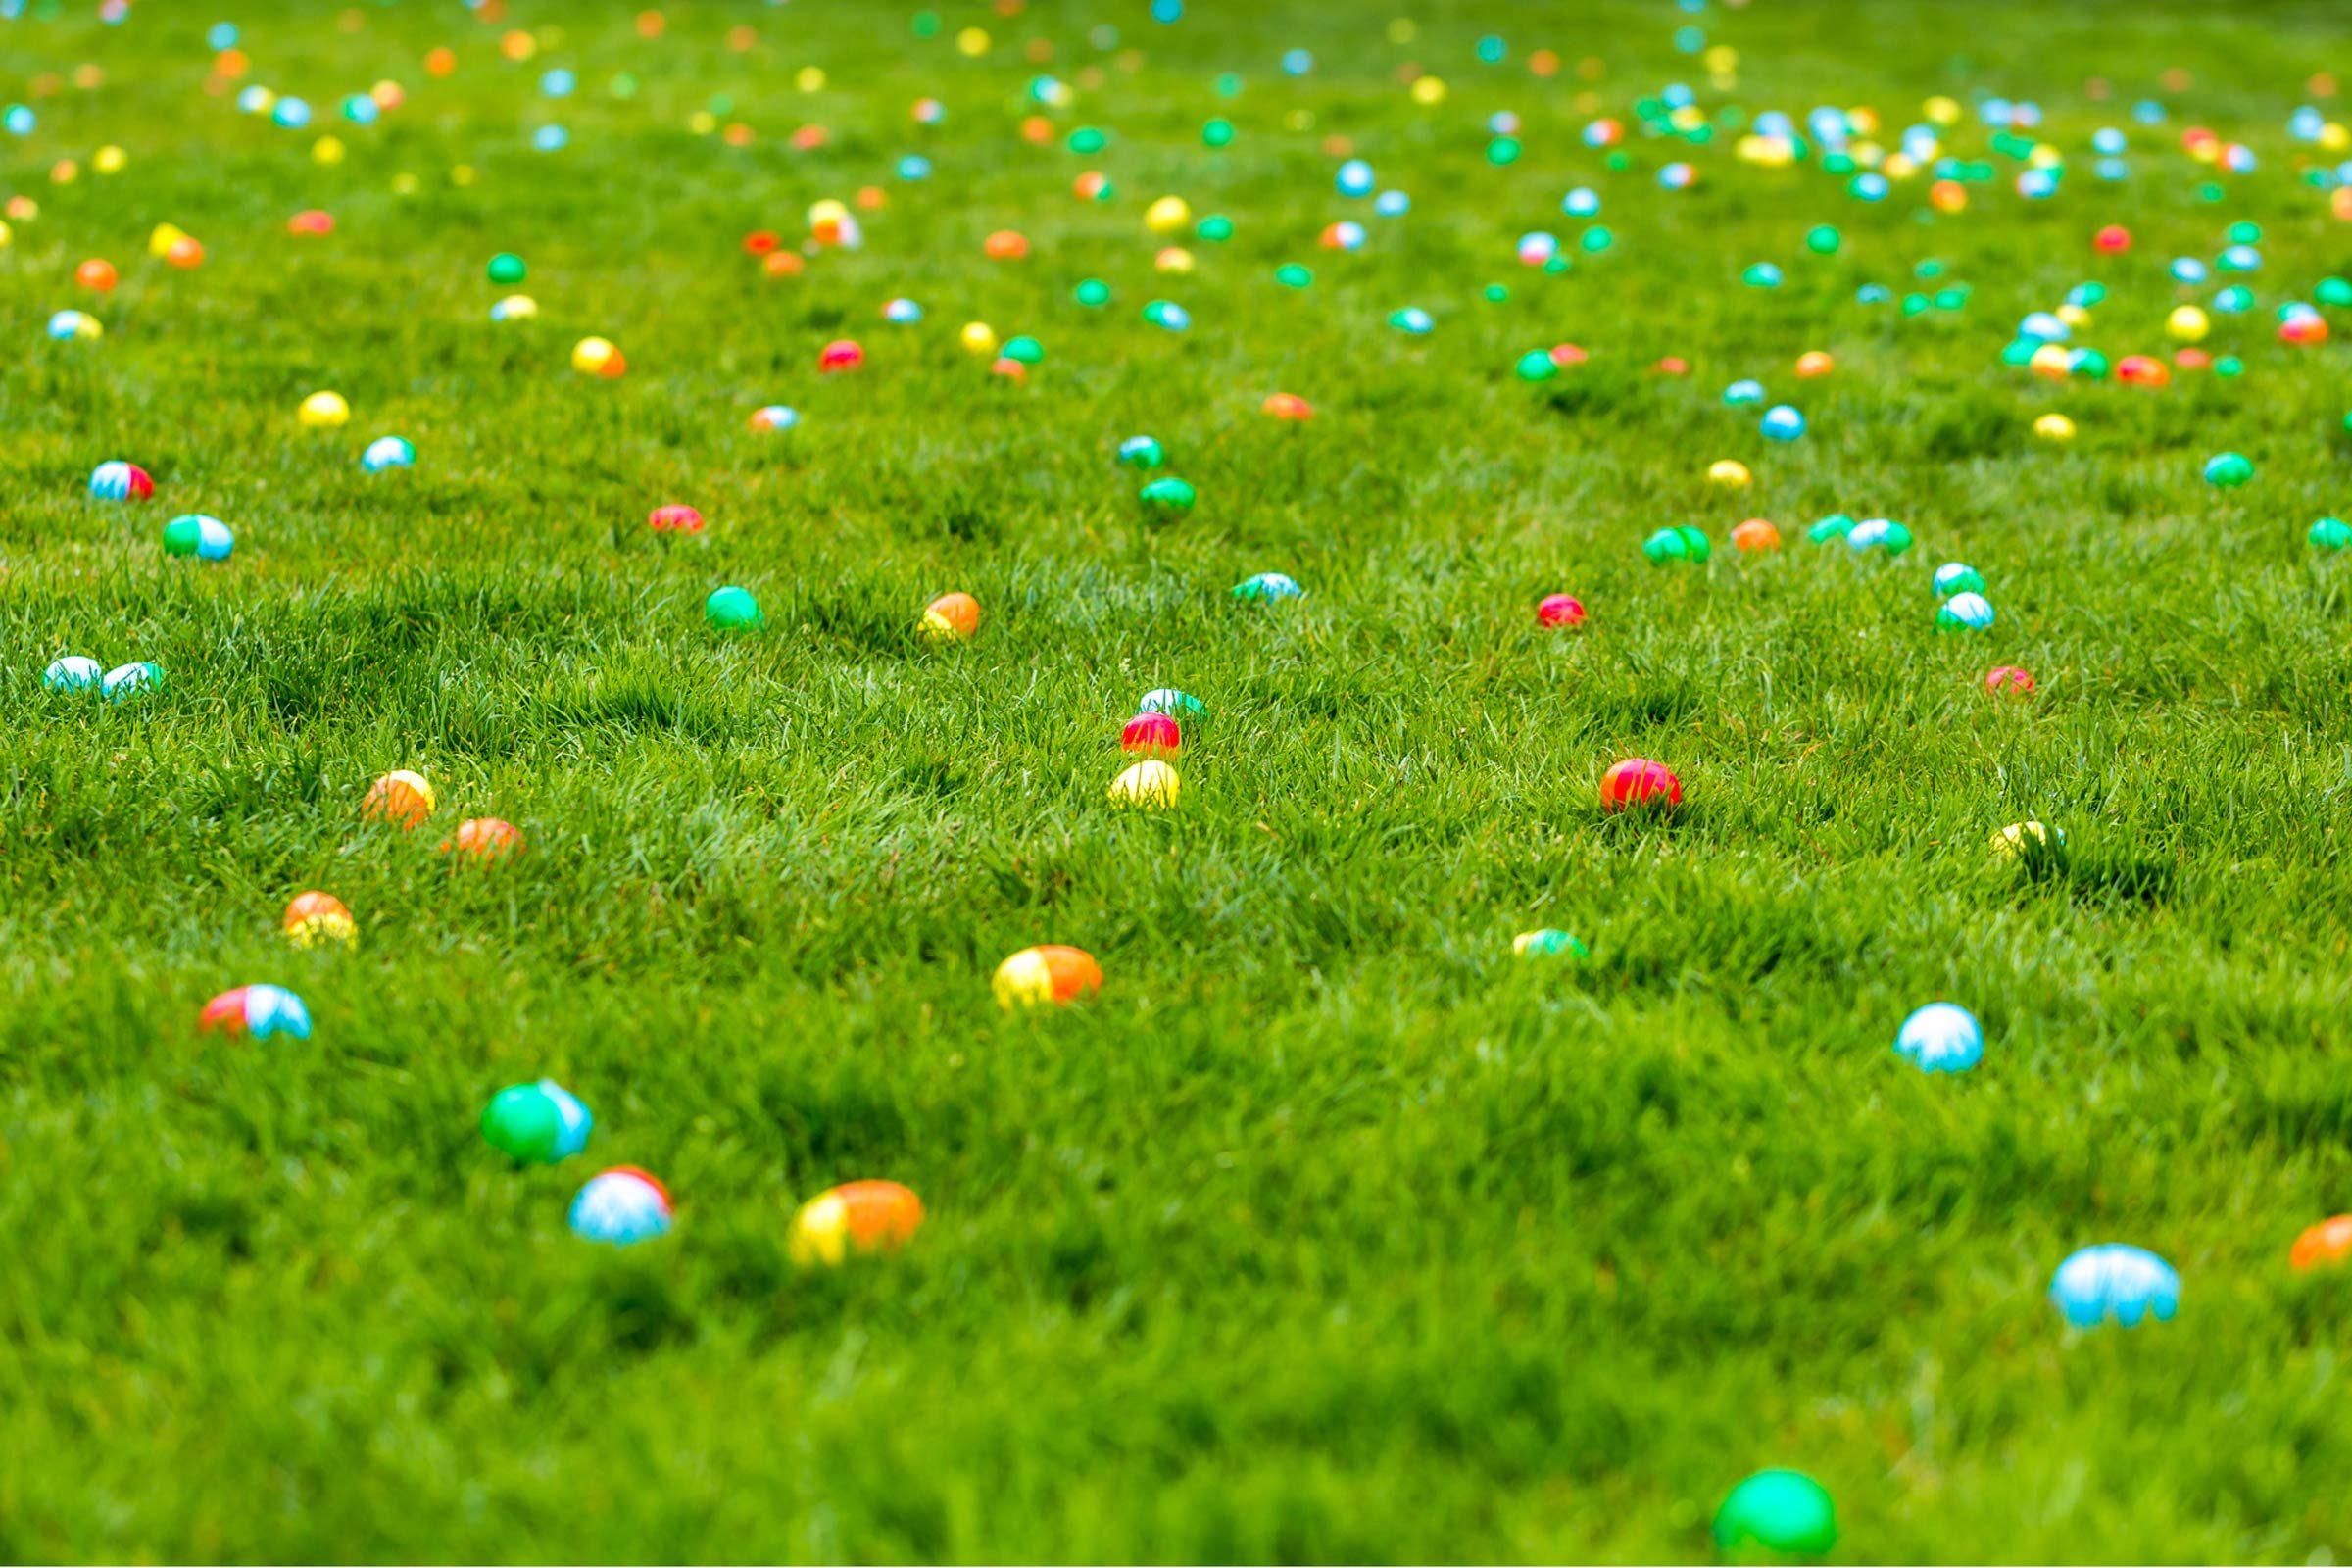 012_Entertaining_Easter_Games